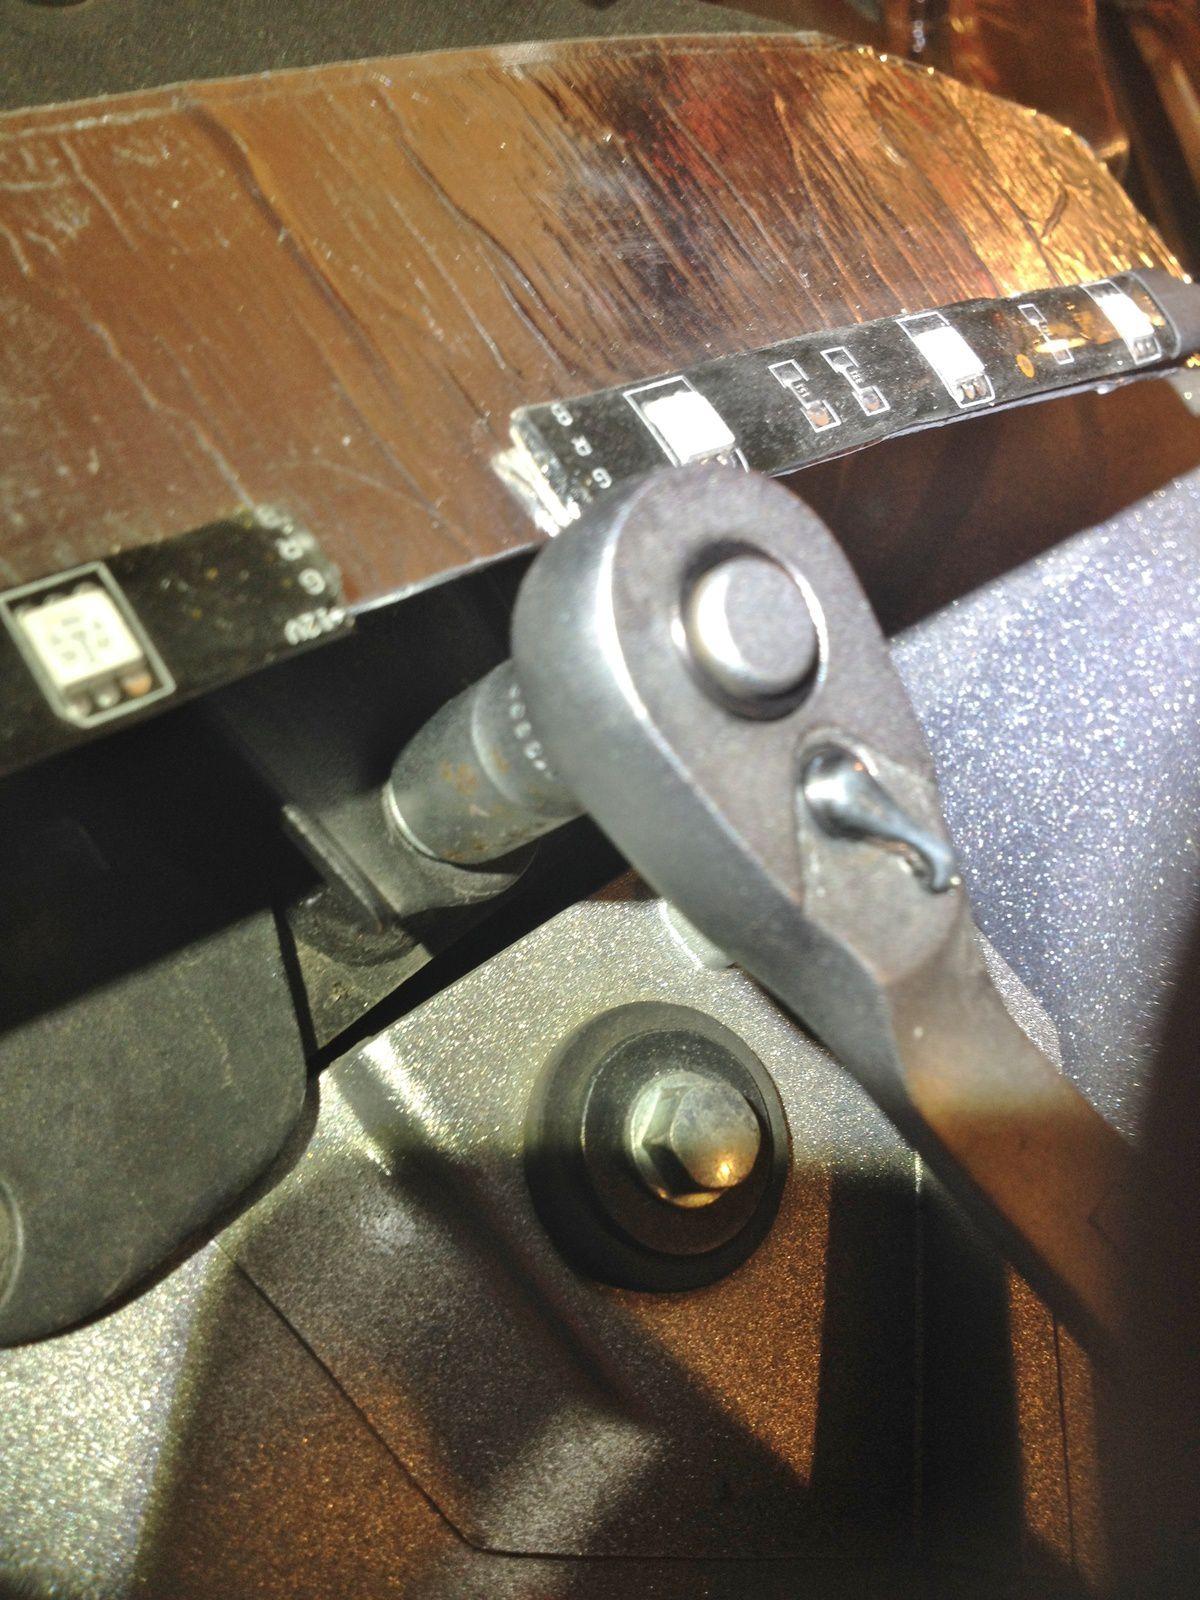 Goldwing 1800 - Déposer le boomerang et changer son pare-brise